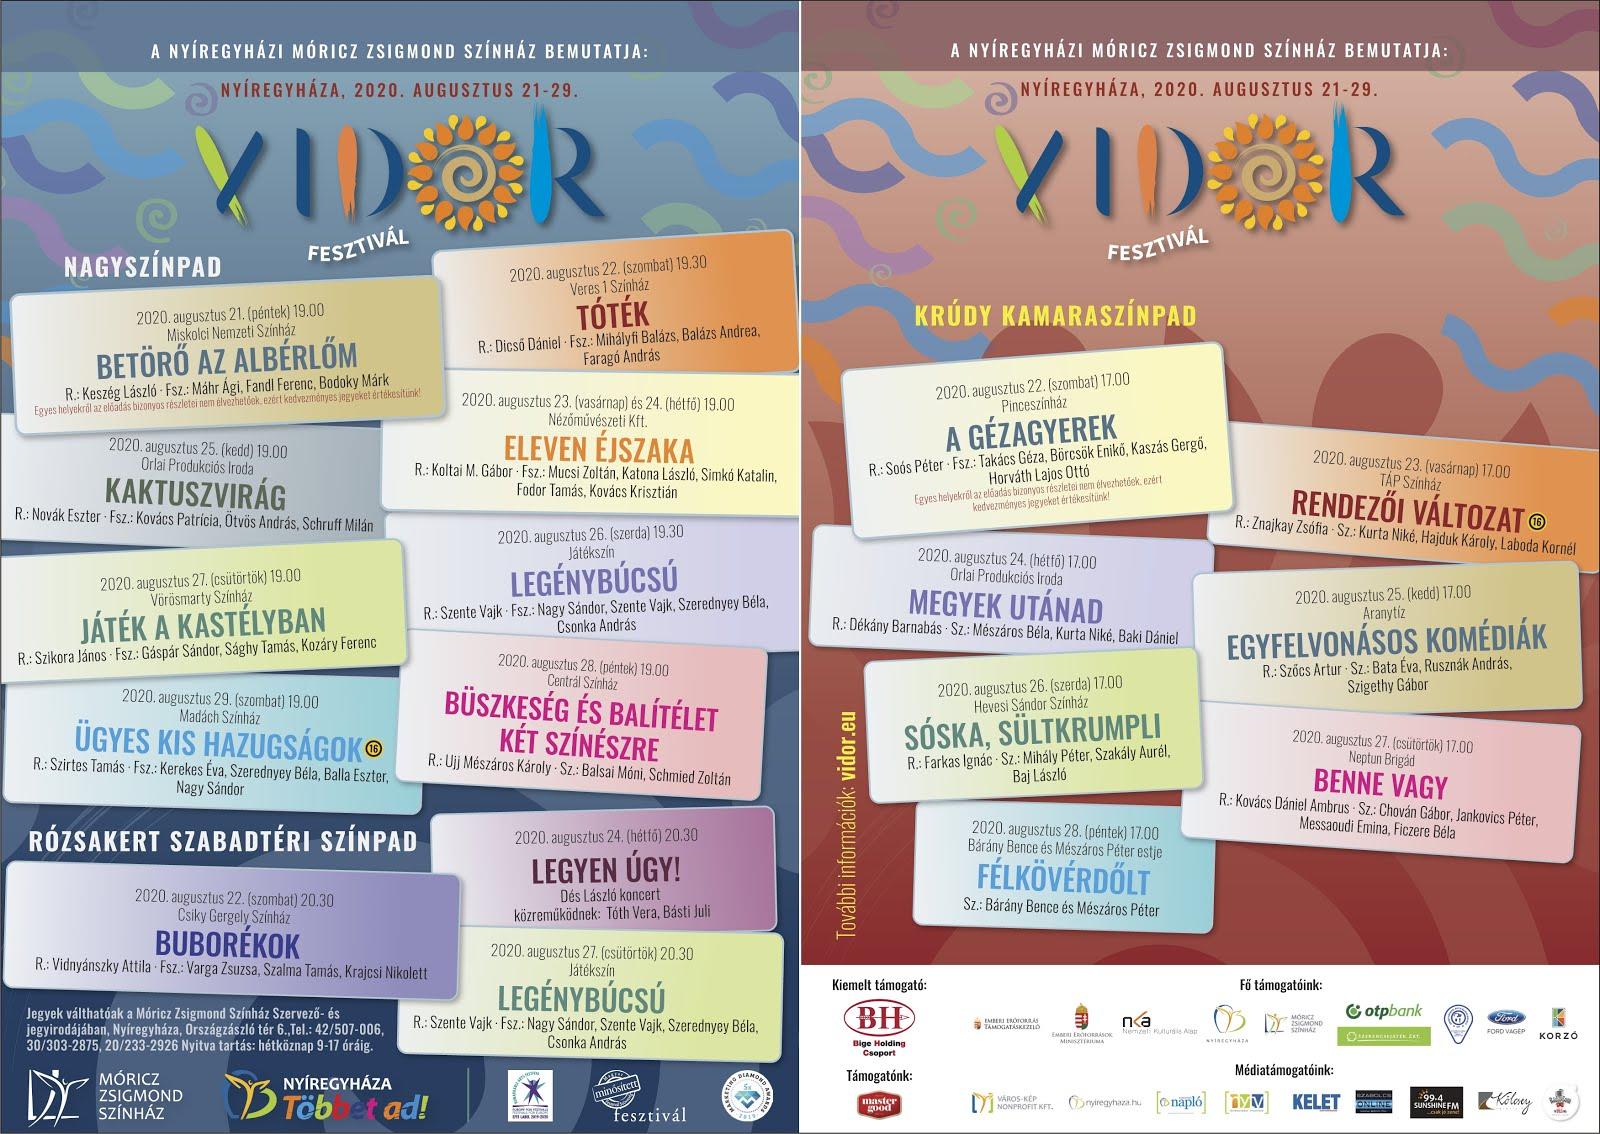 VIDOR Fesztivál 2020